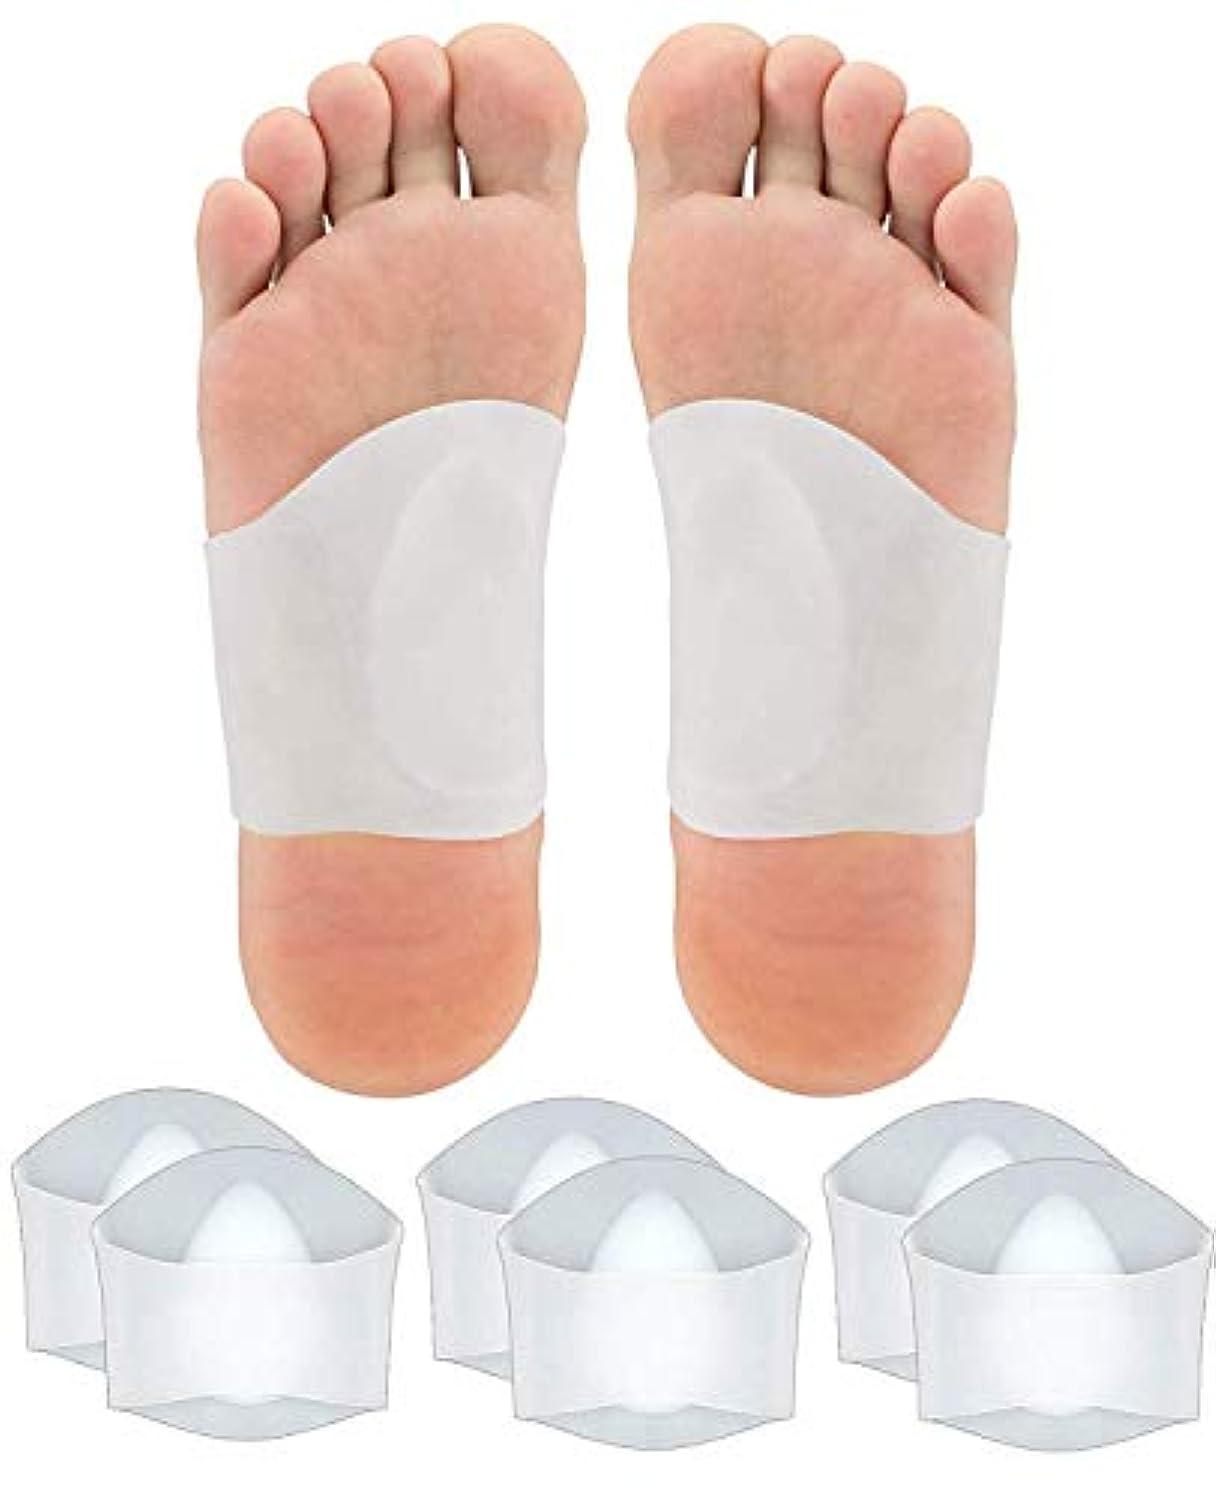 療法主流三番ATROPOSS 扁平足 サポーター 3組セット アーチサポーター 偏平足 矯正 足裏 シリコン素材 フリーサイズ (L)